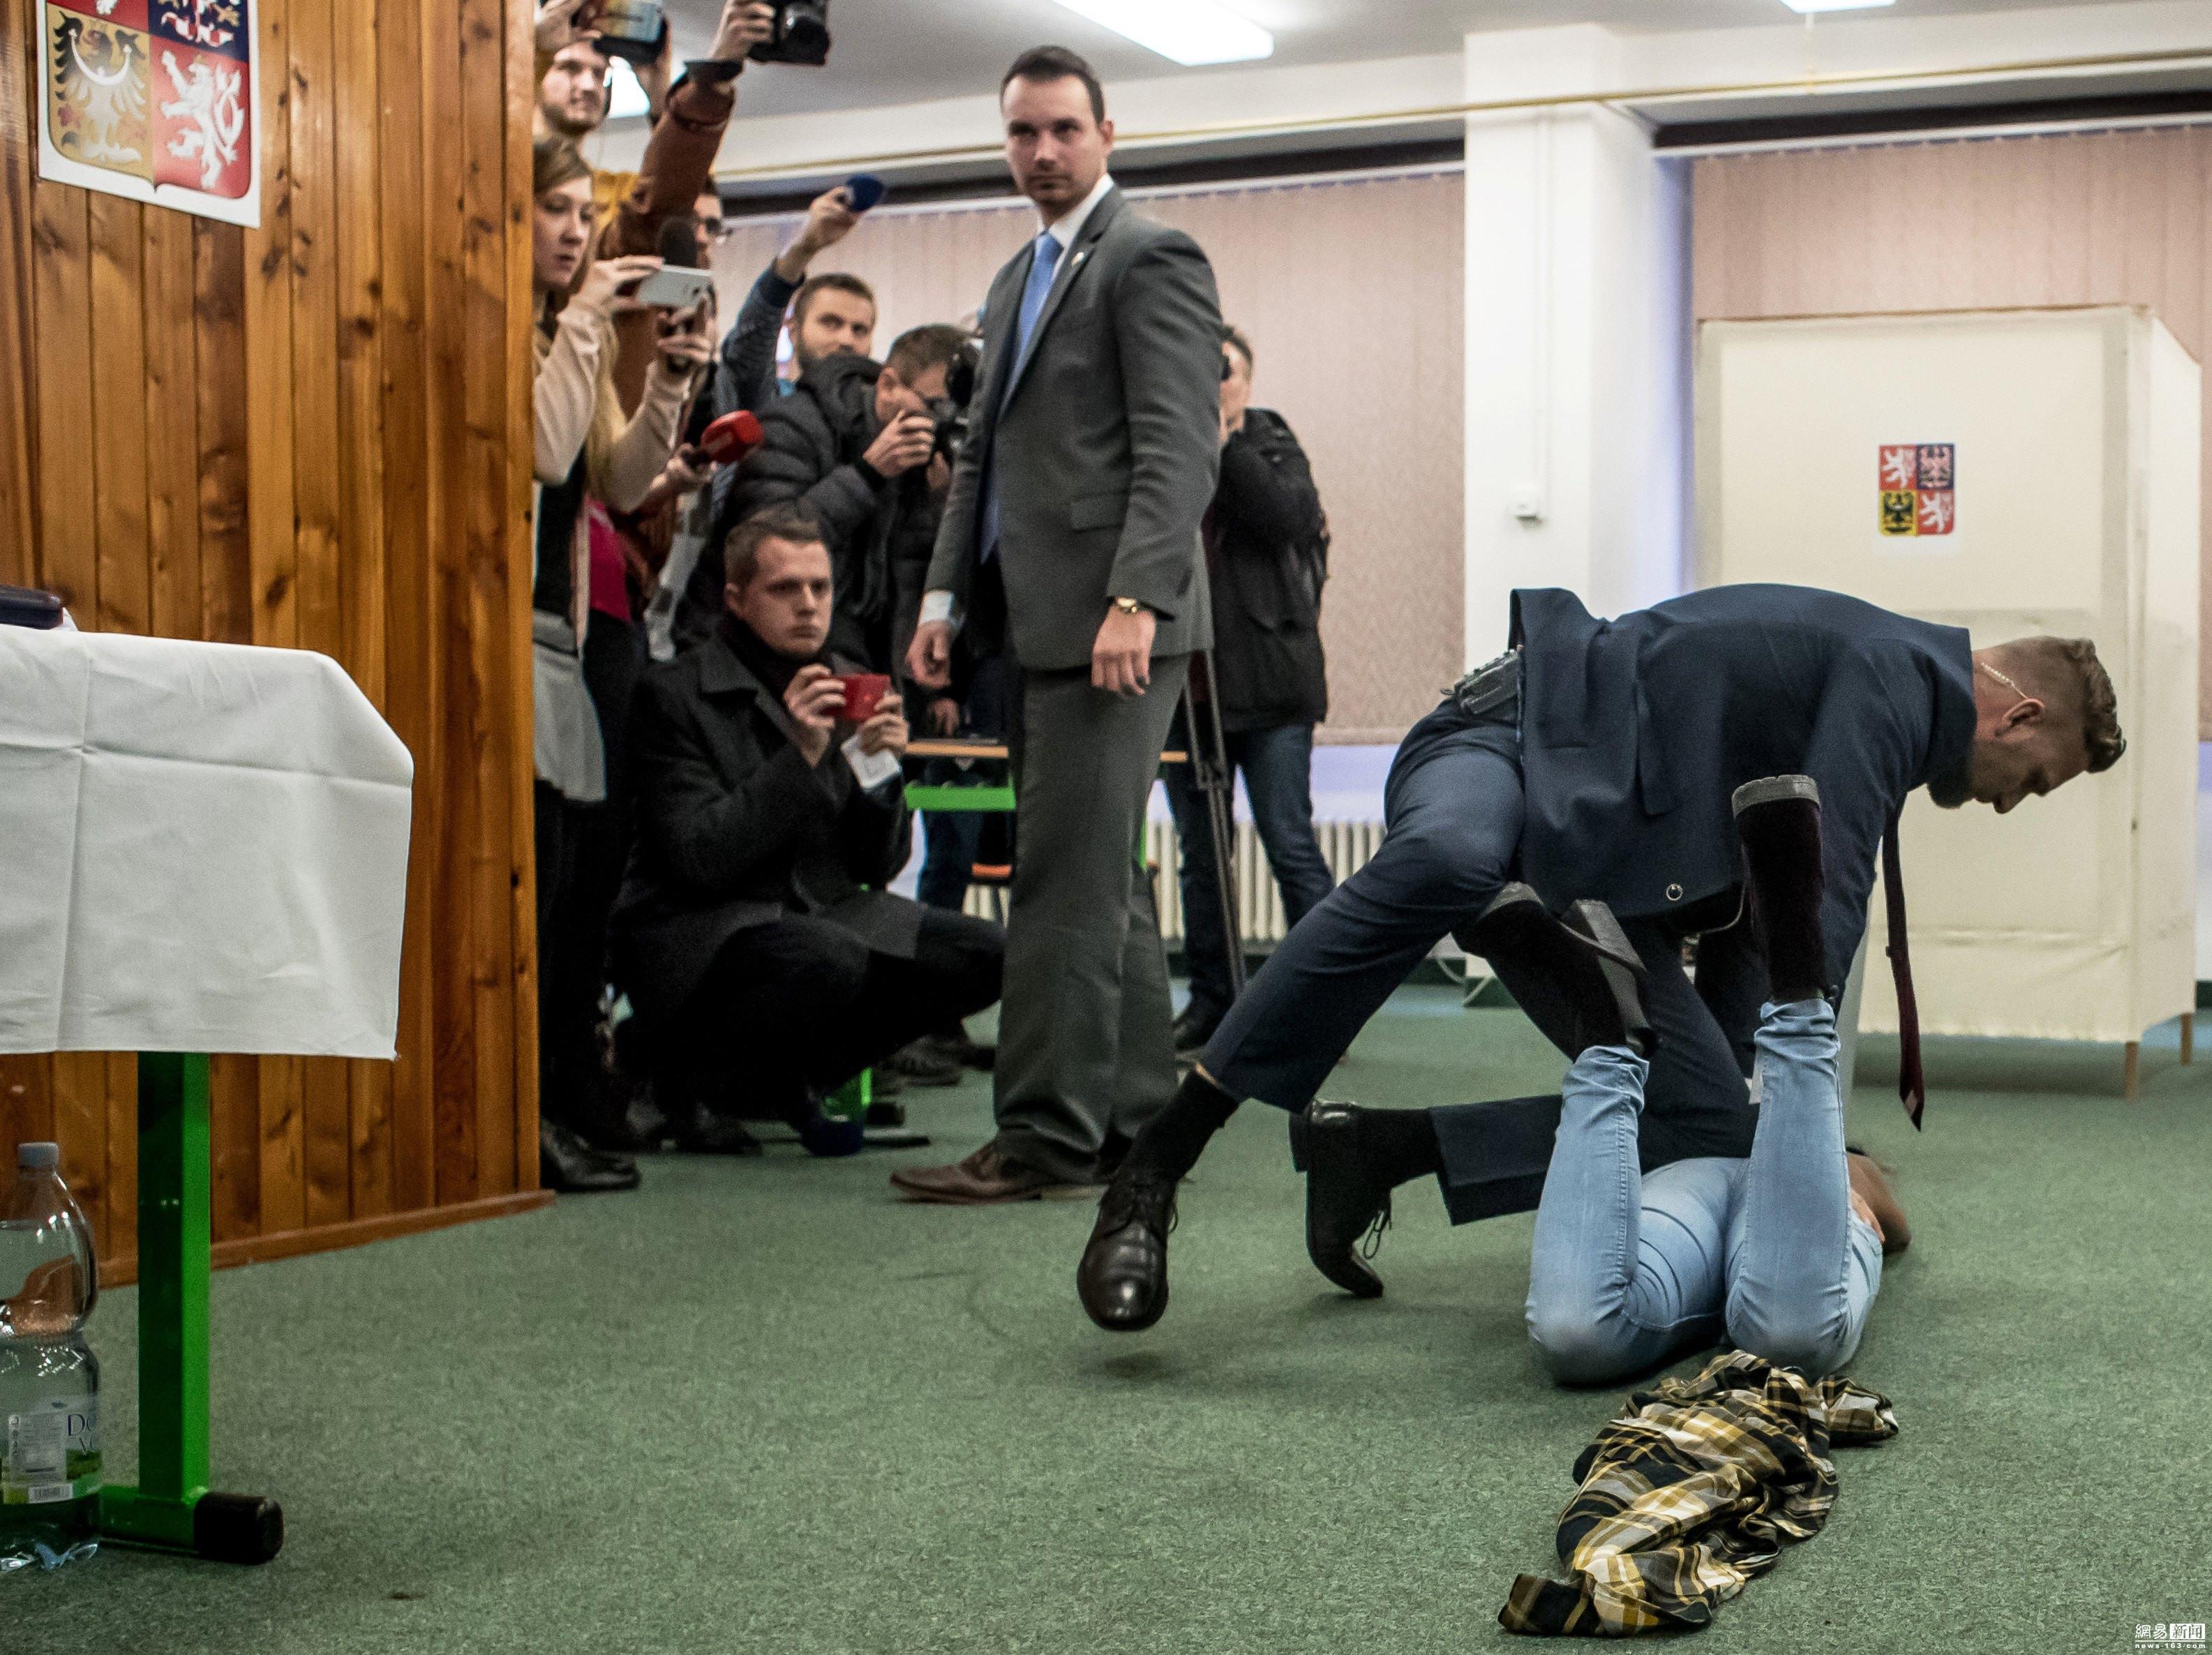 捷克总统参加大选首轮投票 遭半裸女子袭击